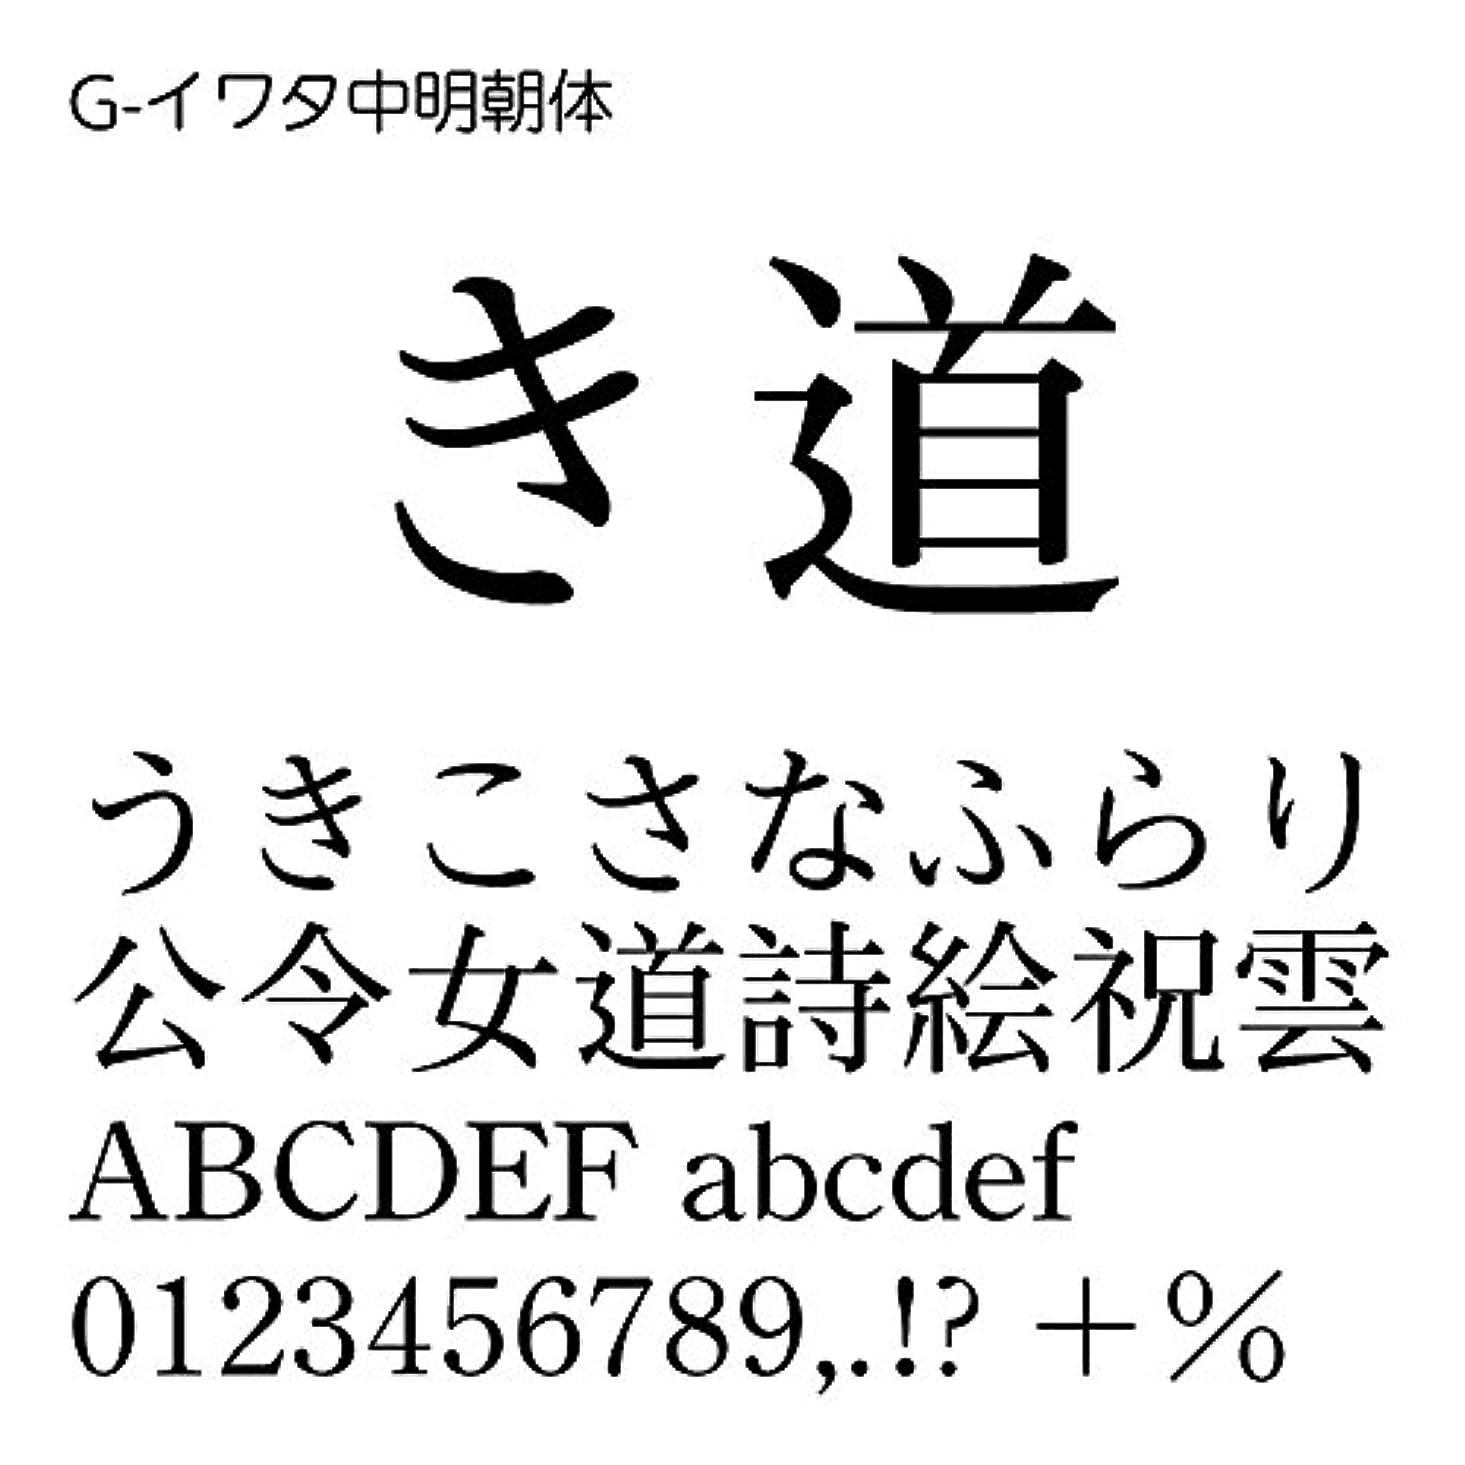 スラッシュ鏡花に水をやるG-イワタ中明朝体Pro OpenType Font for Windows [ダウンロード]